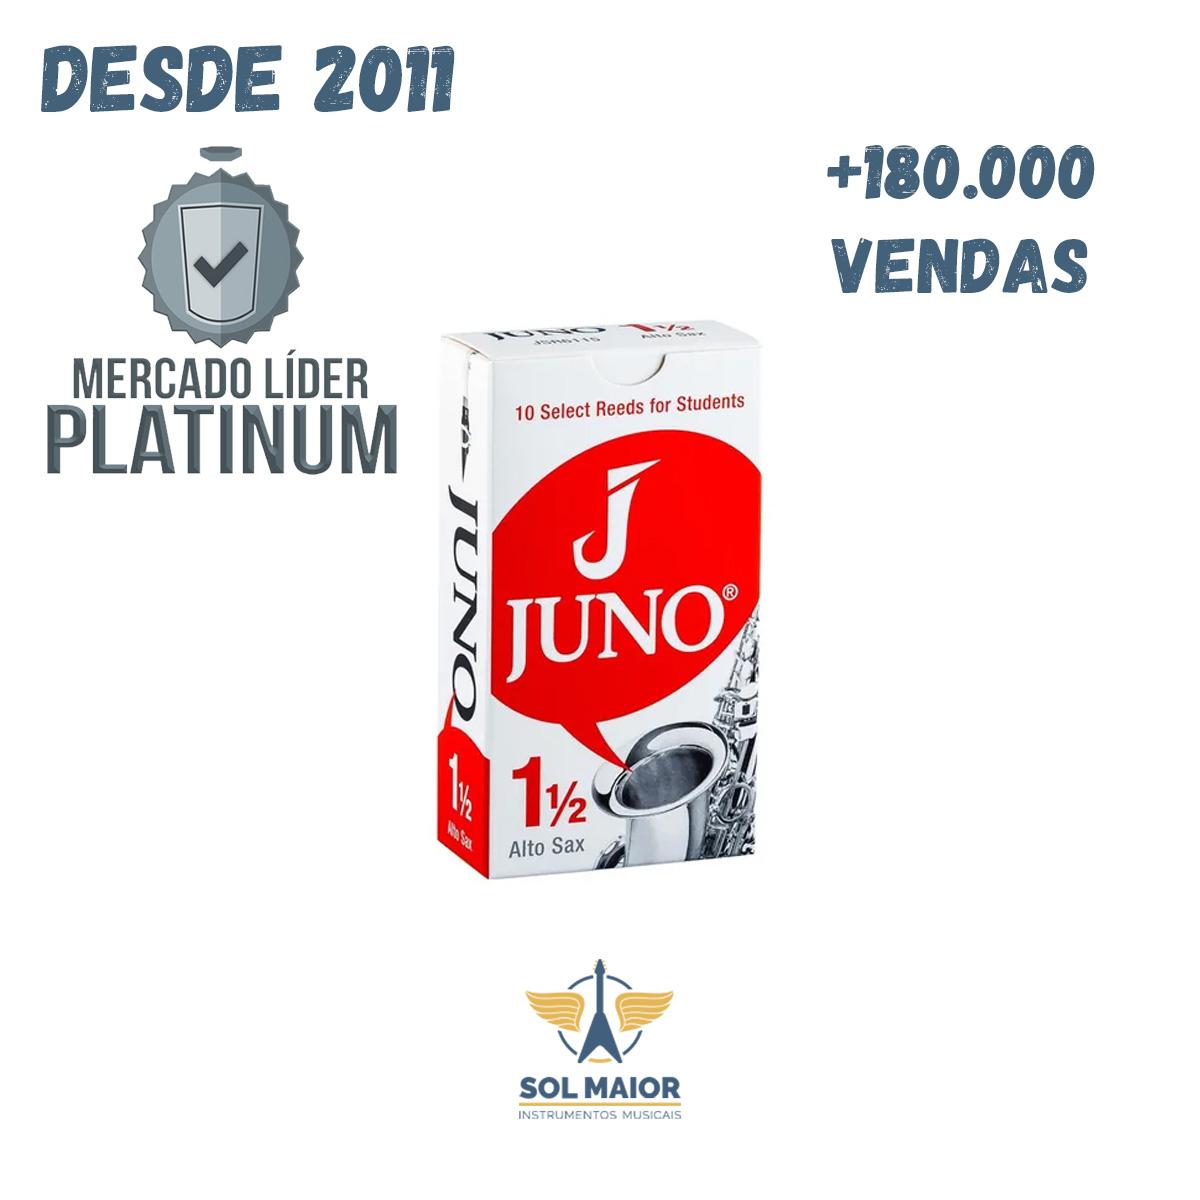 Palheta 1,5 para Sax Alto com 10 unidades JSR6115 - Juno